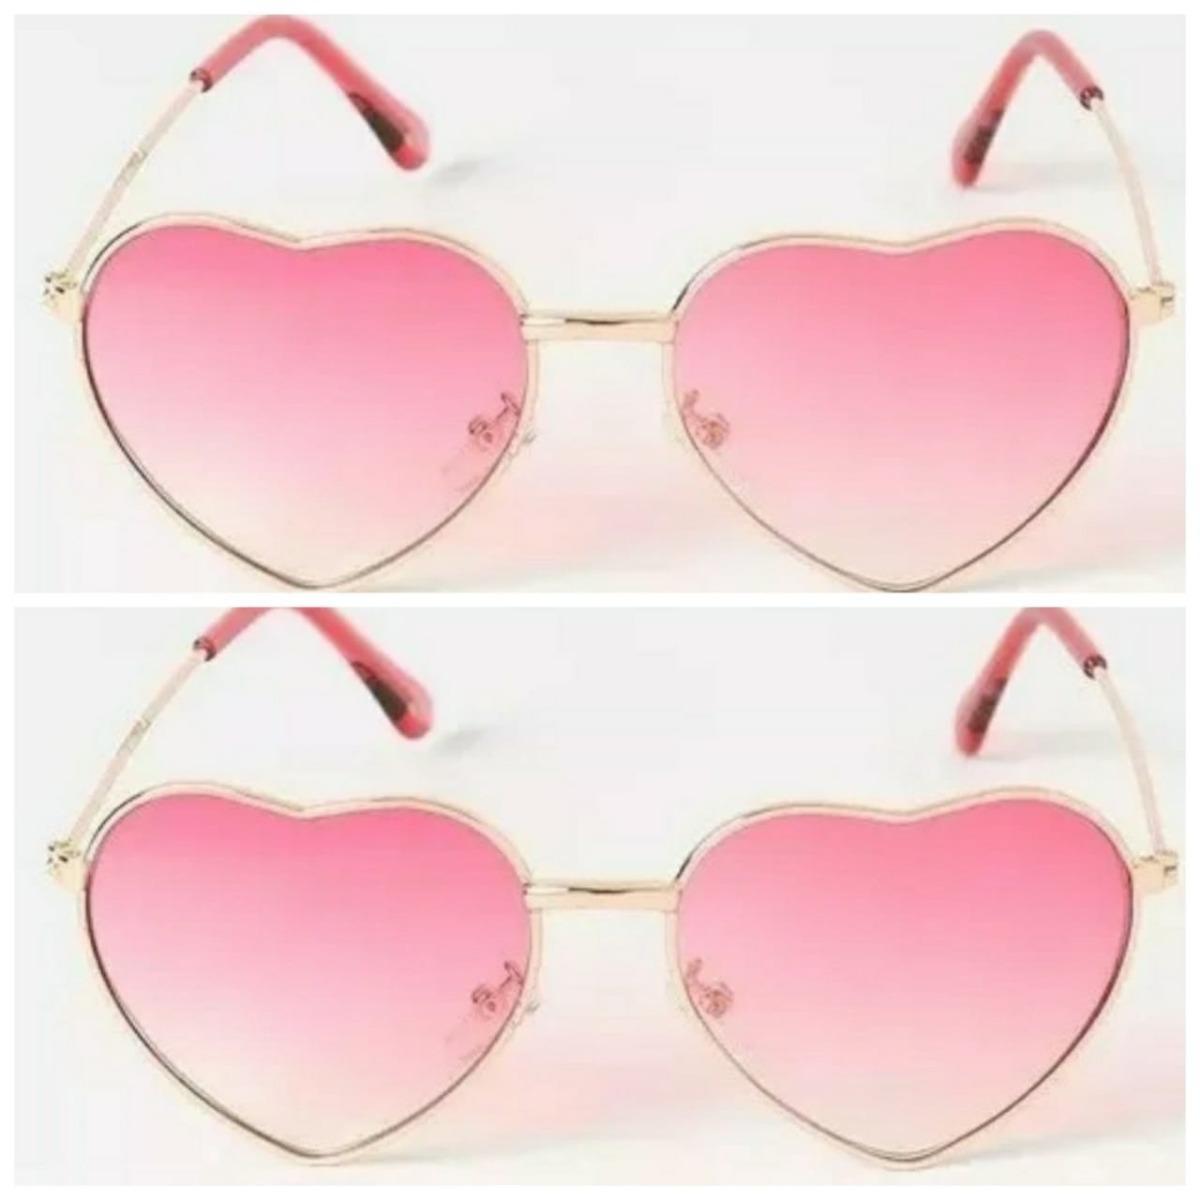 273d298f7 Óculos De Sol Para Crianças Com Proteção Uv Rosa Menina Moda - R$ 34 ...